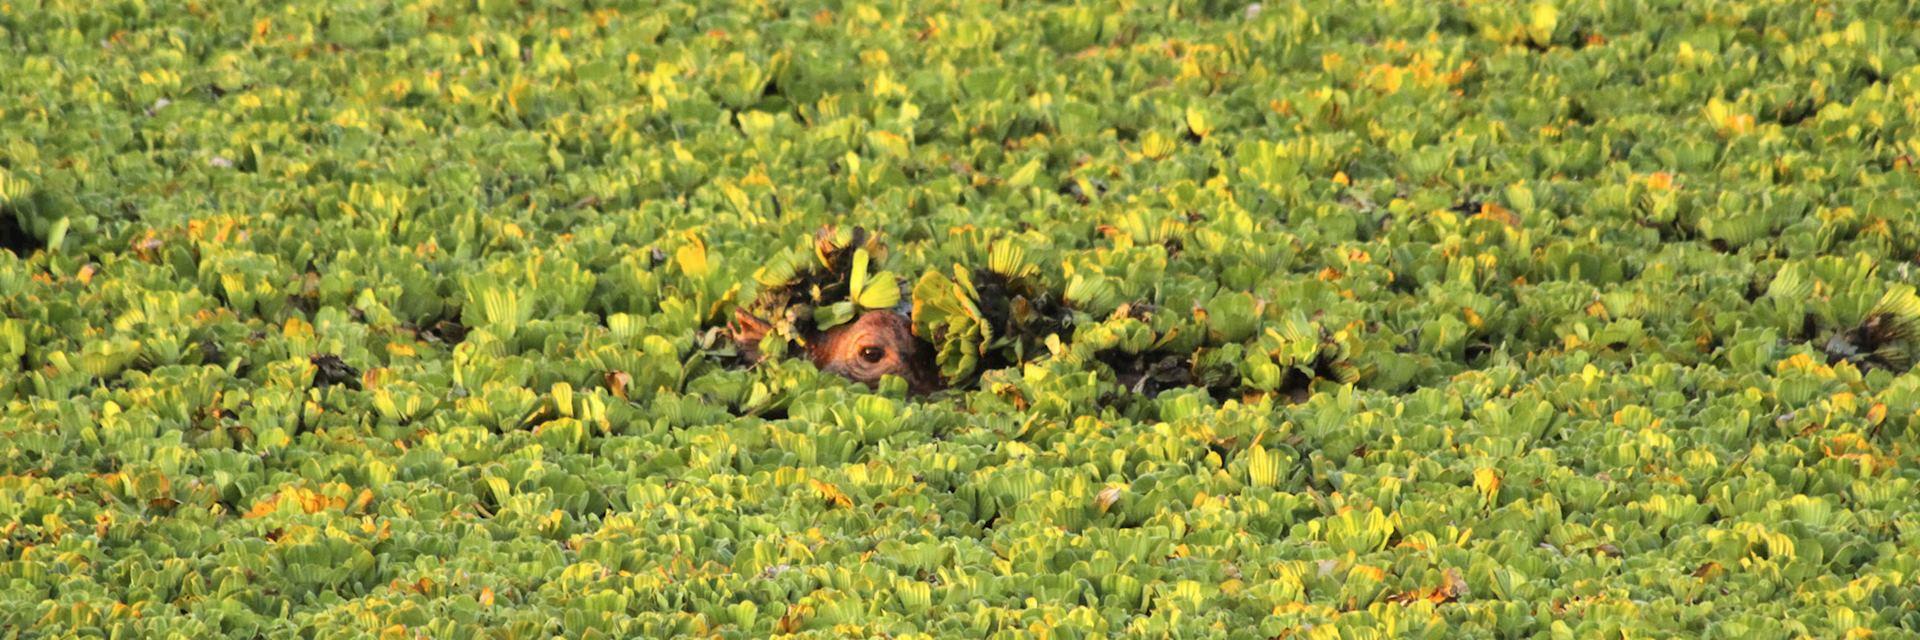 Hippo, Tana Delta